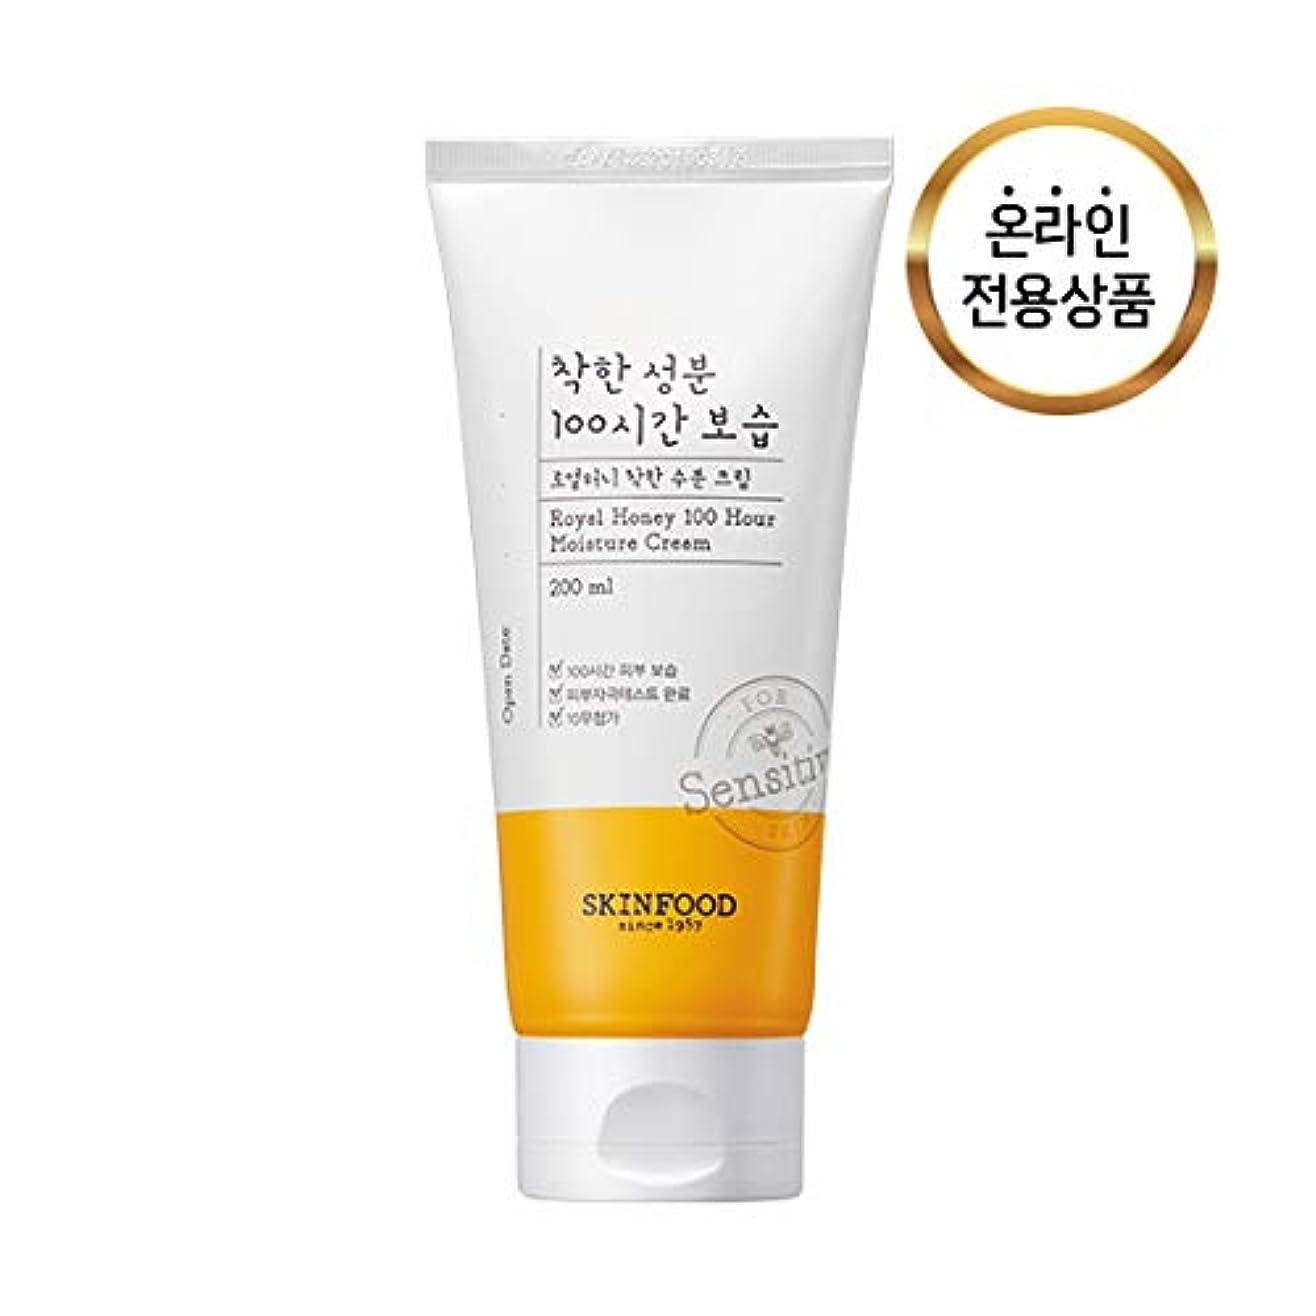 ニュージーランドほかに偉業Skinfood ロイヤルハニー100時間モイスチャークリーム / Royal Honey 100 Hour Moisture Cream 200ml [並行輸入品]